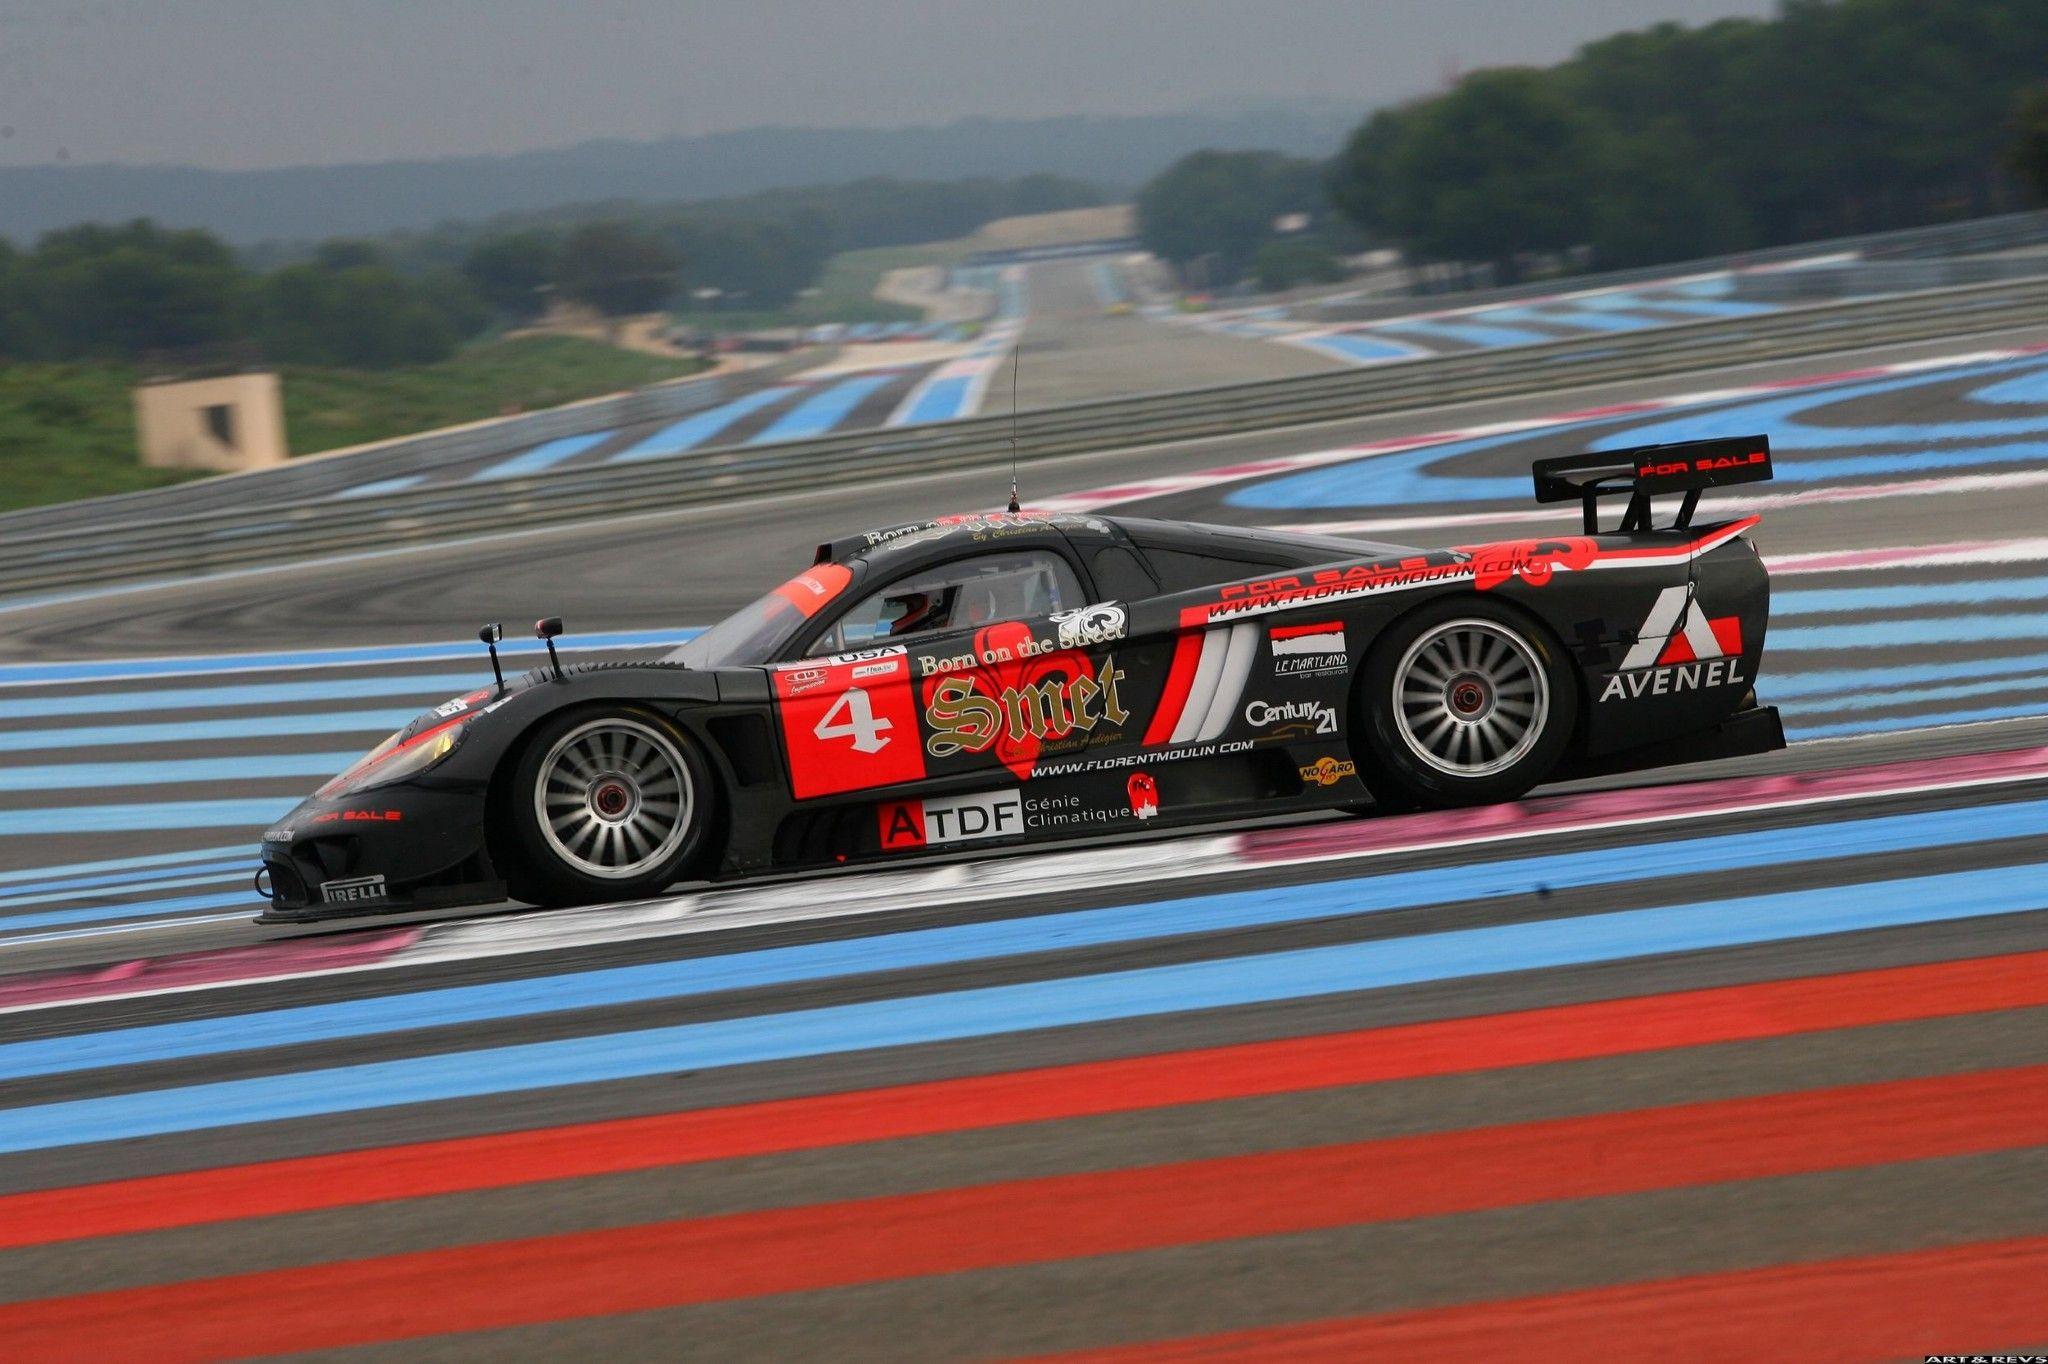 Gt90s Race At Le Castellet Racing Race Cars Vehicles